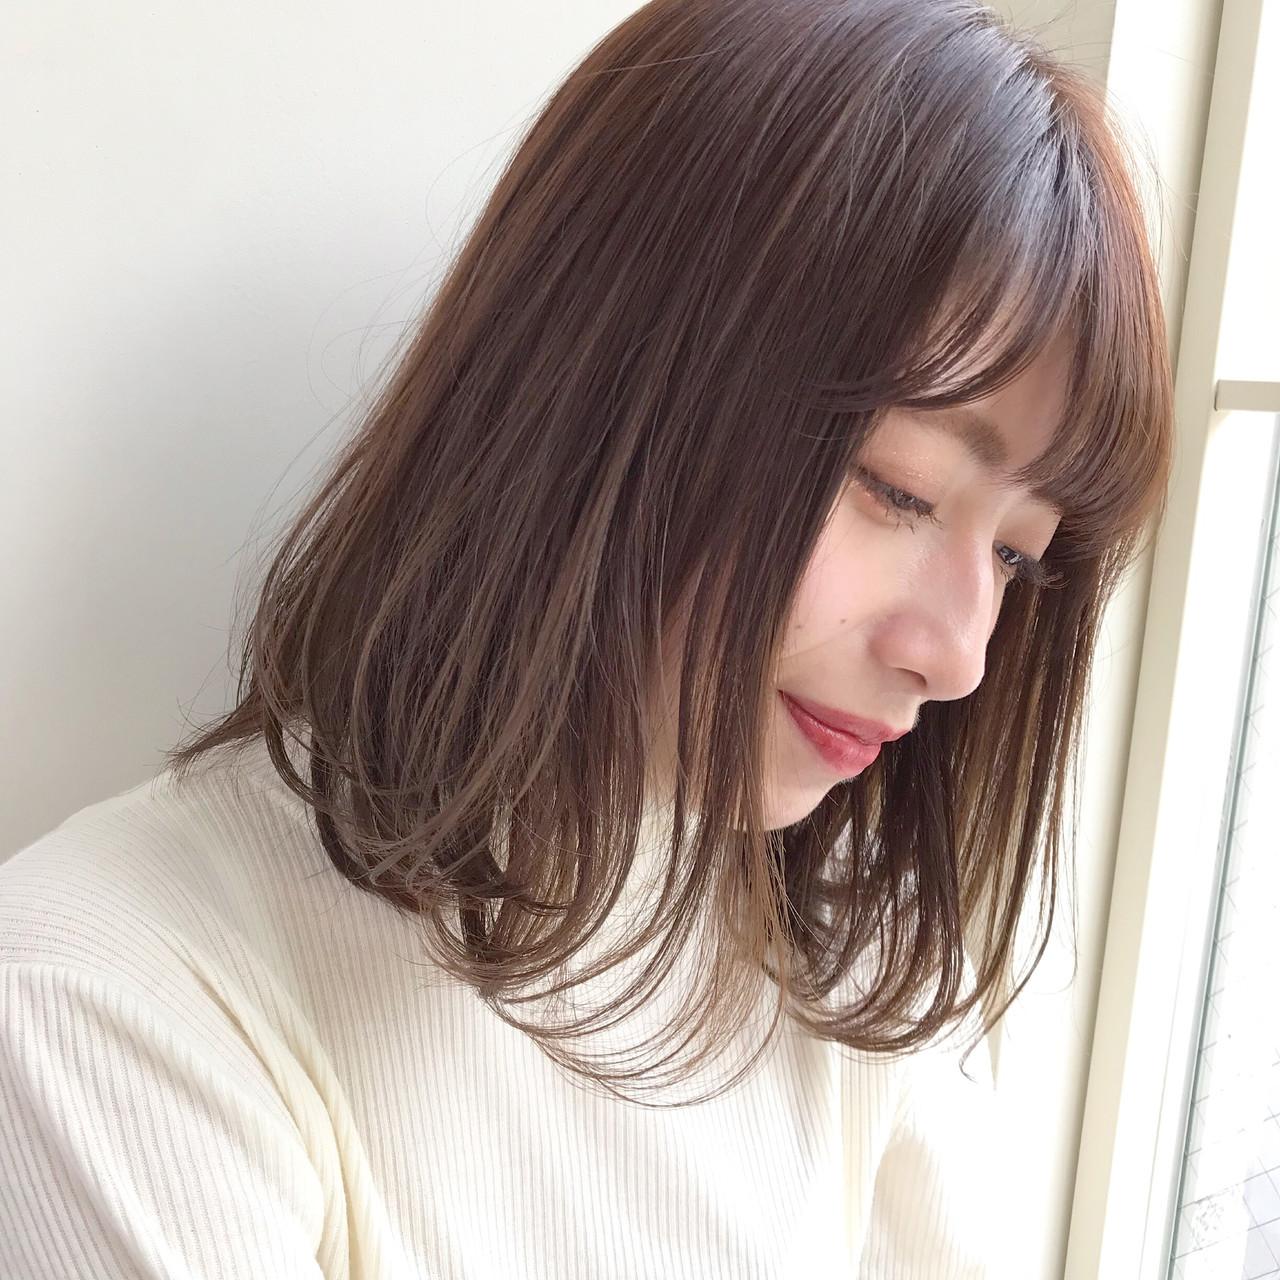 デート ベージュ ショコラブラウン ボブ ヘアスタイルや髪型の写真・画像   伊藤愛子 GARDEN / GARDEN  omotesando